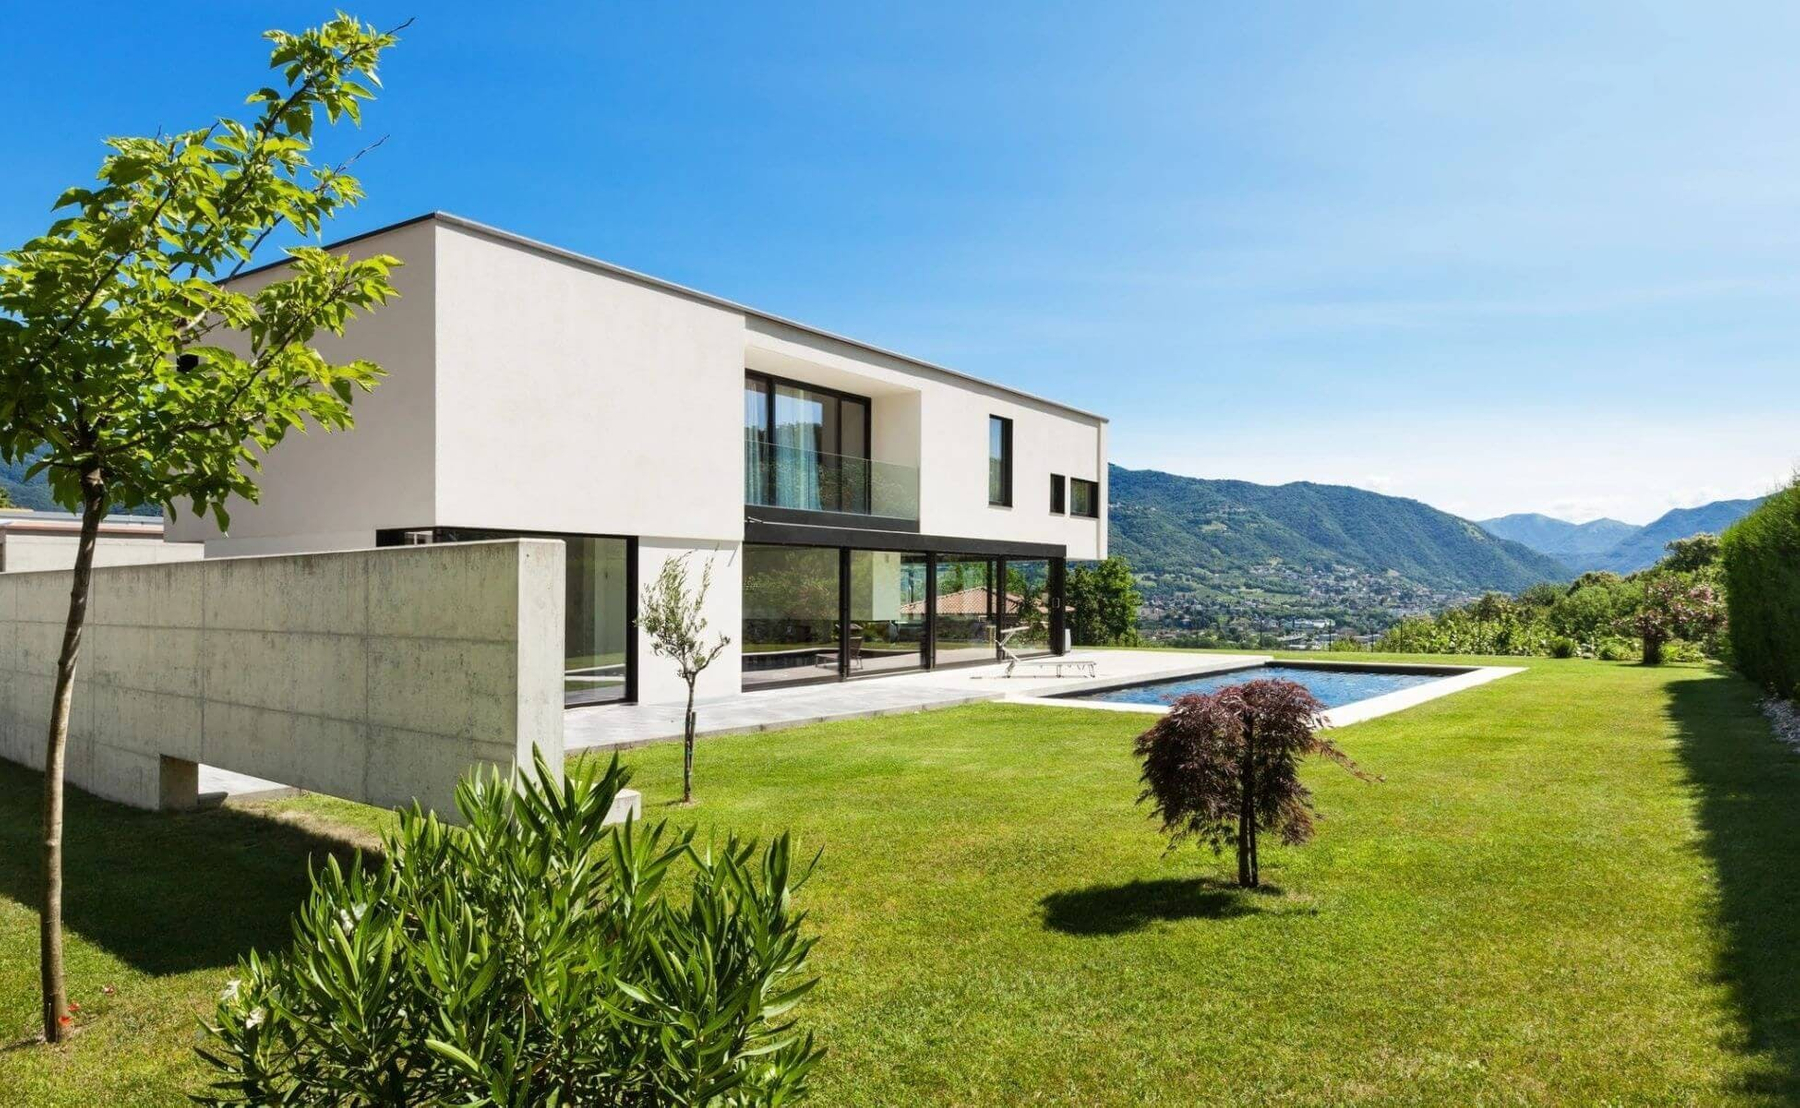 Immobilier sur-mesure : Réalisez votre rêve !